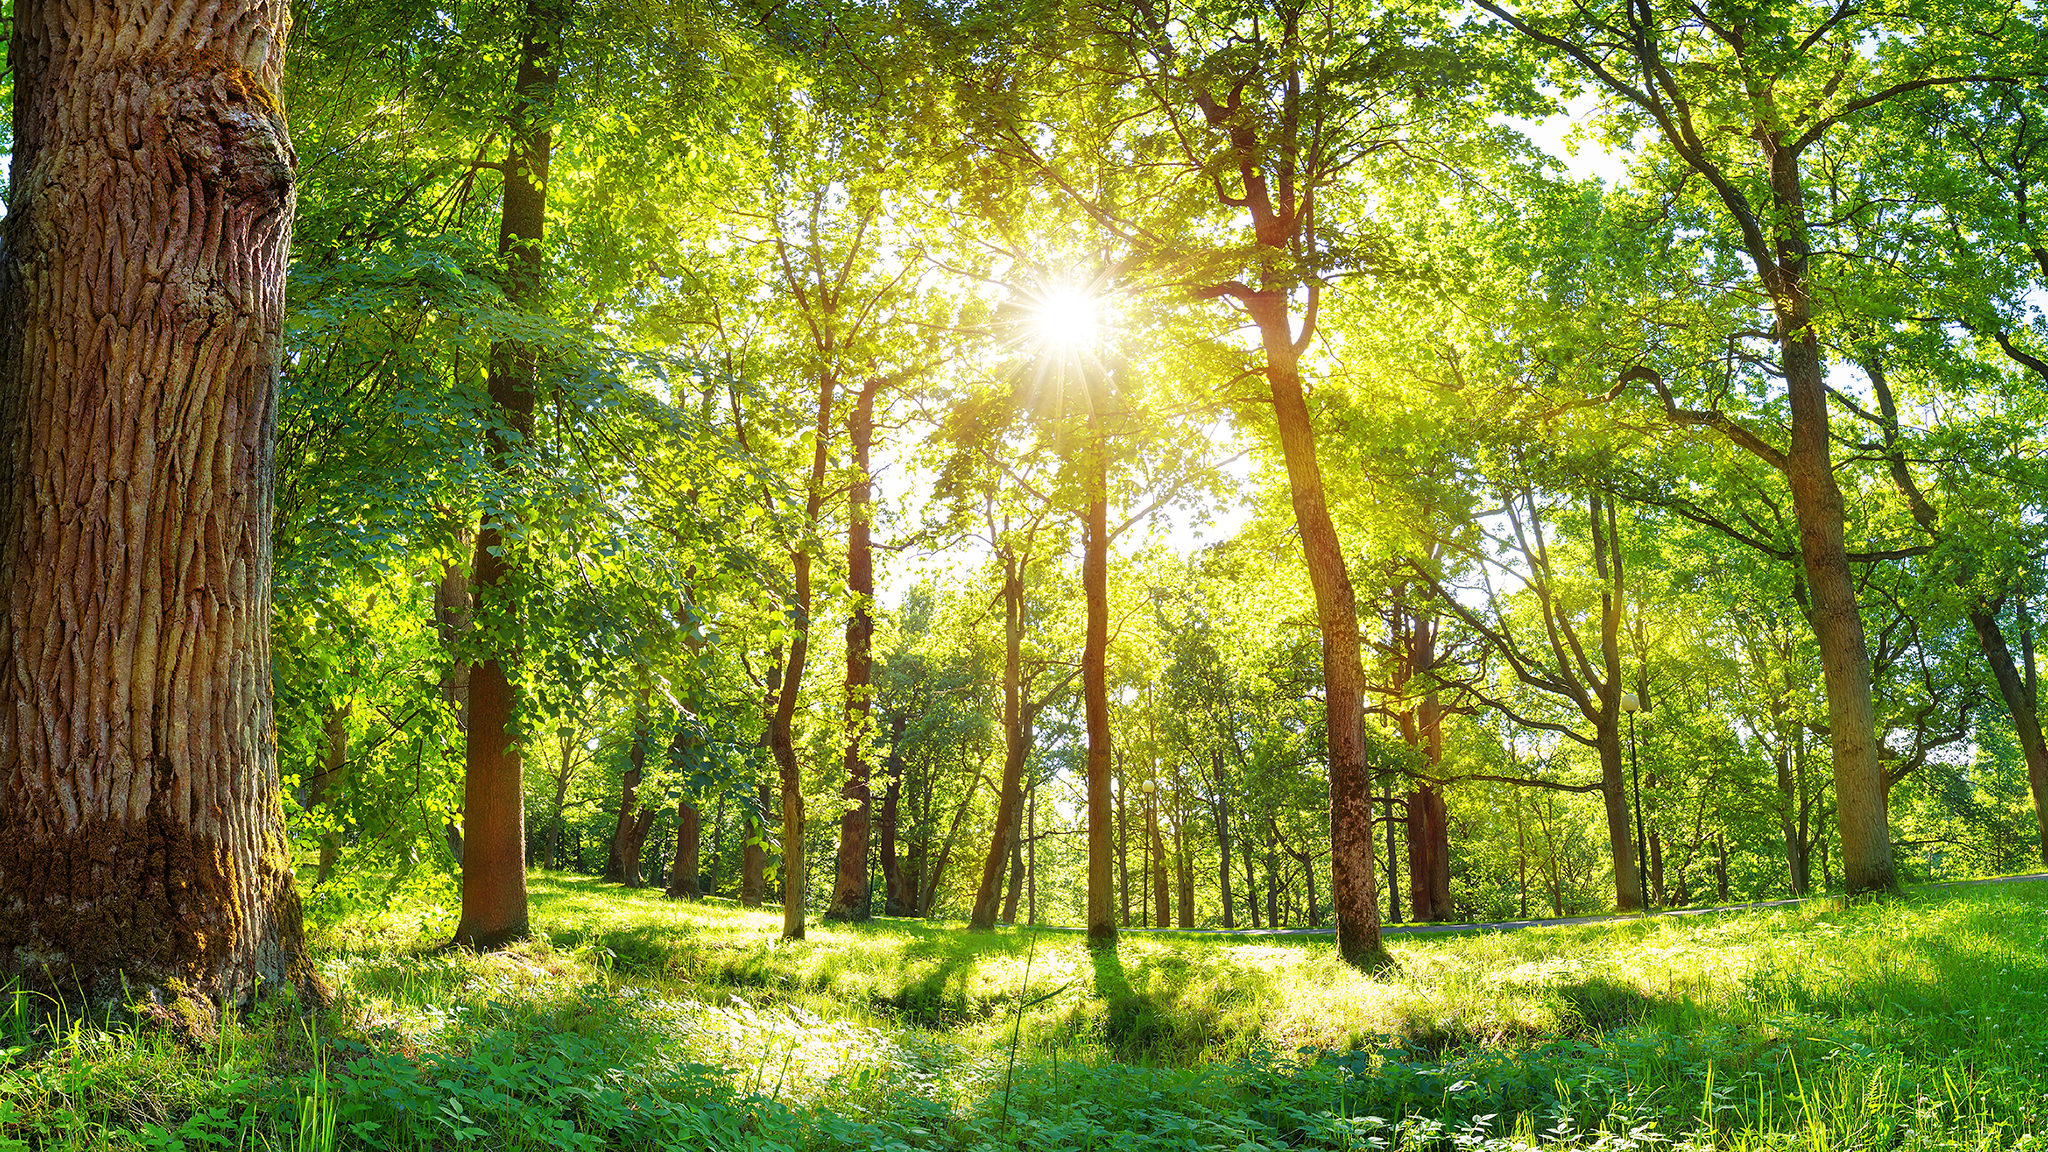 Nachhaltige + ökologische Drucksachen - FREY PRINT + MEDIA - Quelle: candy1812 (211968677) - stock.adobe.com